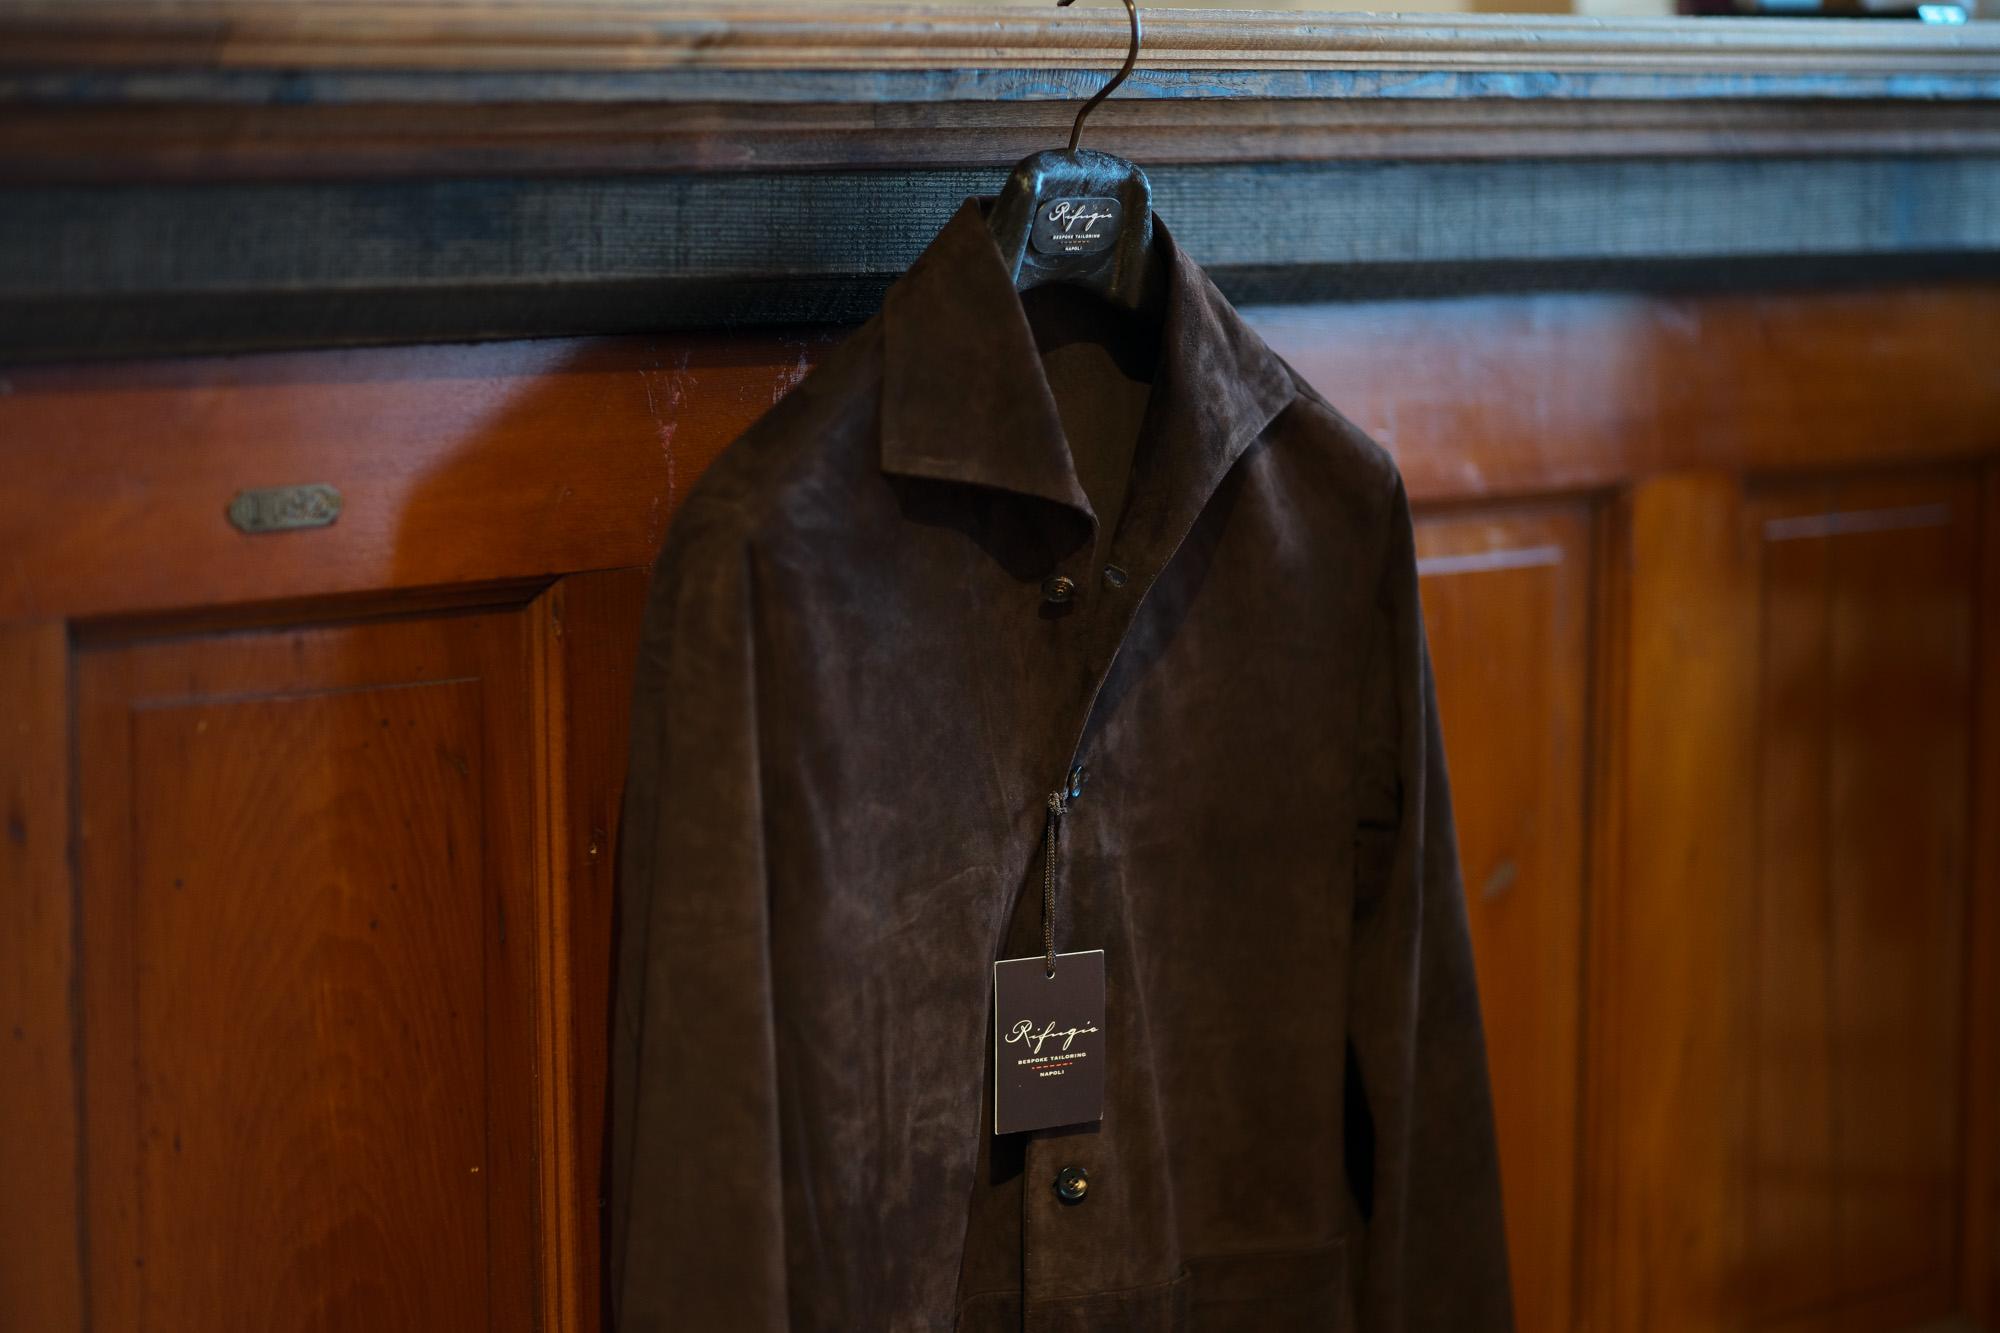 Alfredo Rifujio (アルフレード リフージオ) SS326 CAMOSCIO Summer Suede Leather Shirts サマースウェード レザーシャツ BROWN (ブラウン) made in italy (イタリア製) 2019 春夏 alfredorifujio アルフレードリフージオ 愛知 名古屋 ZODIAC ゾディアック alto e diritto アルトエデリット レザージャケット 素肌にレザー 42,44,46,48,50,52